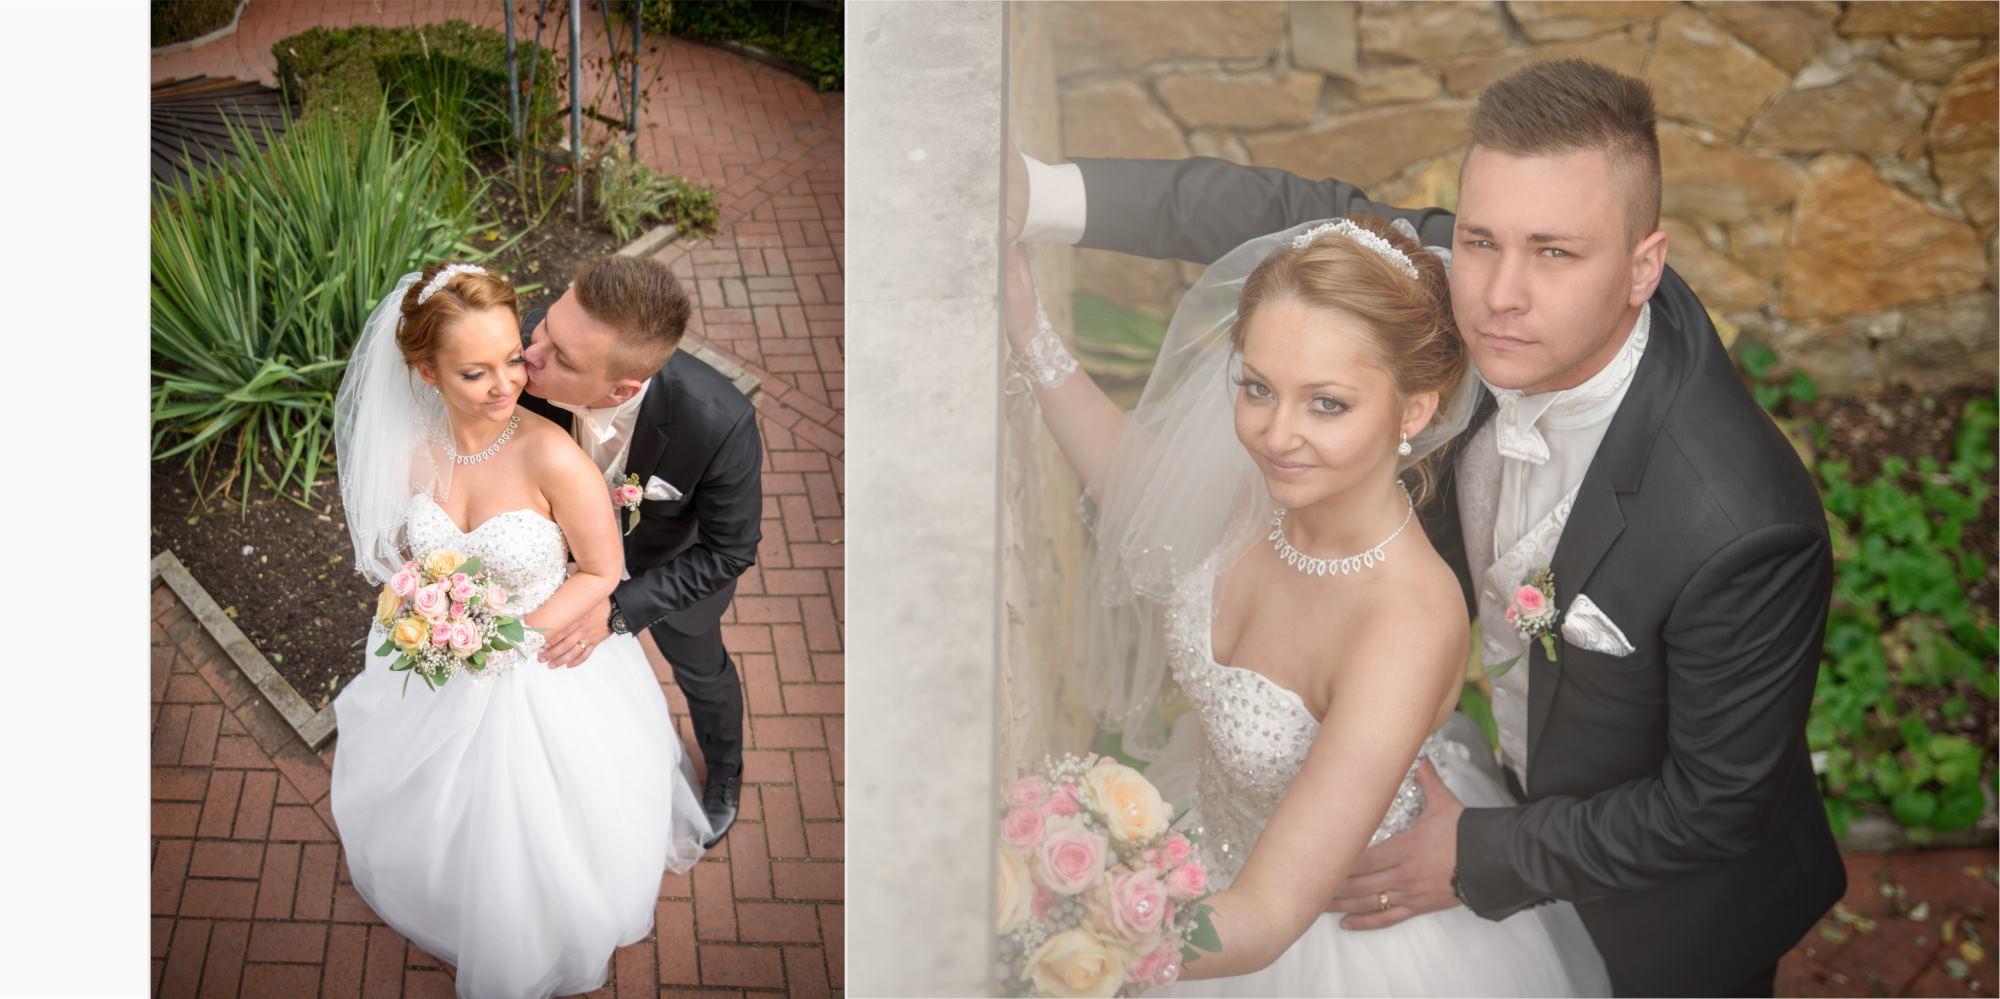 Suche nach einem Hochzeitsfotografen im Ingolstadt